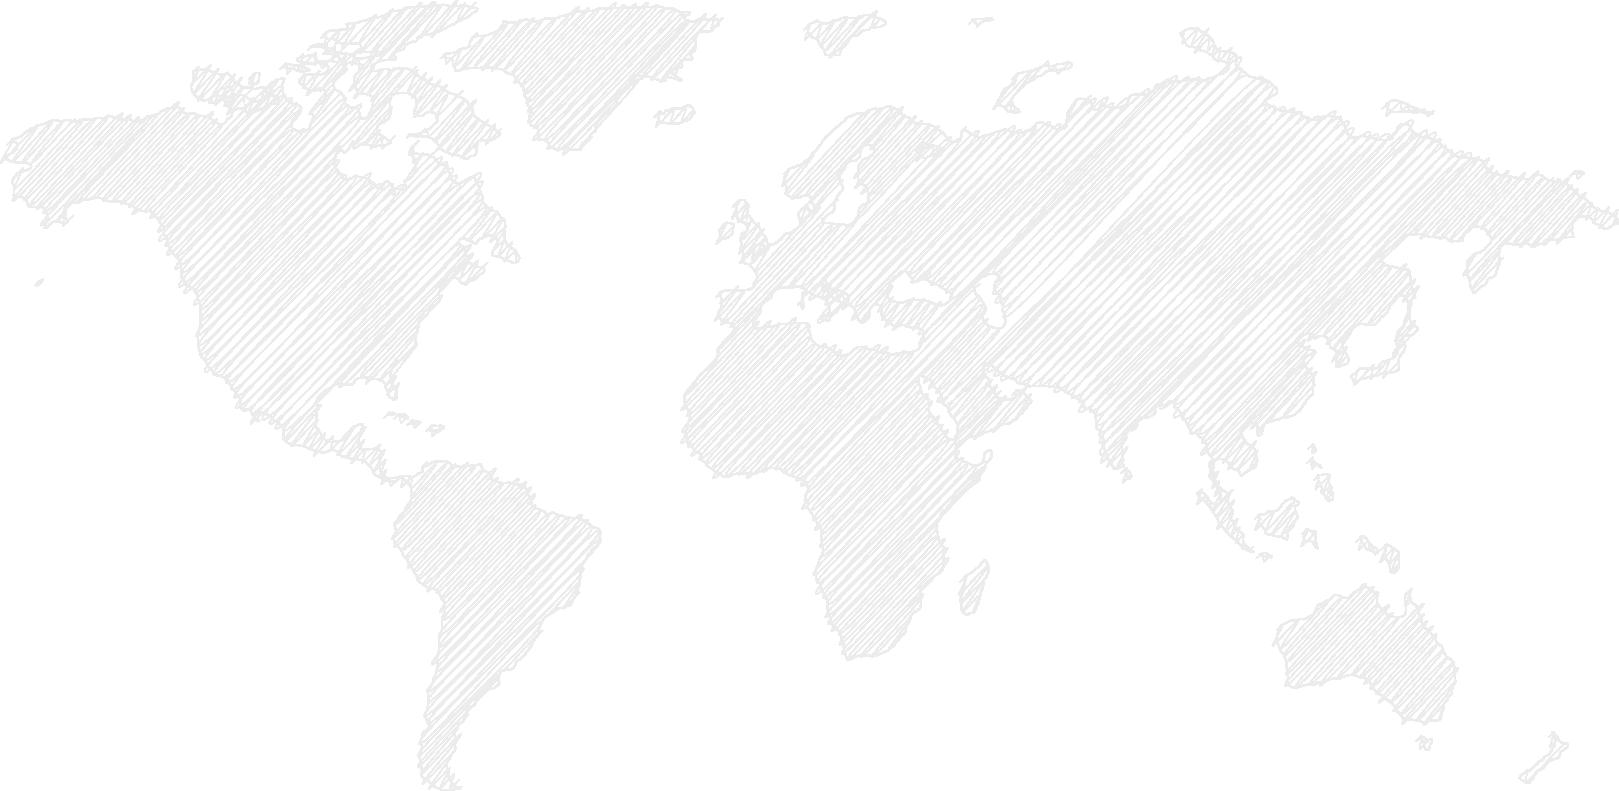 Auswahl Reiseländer